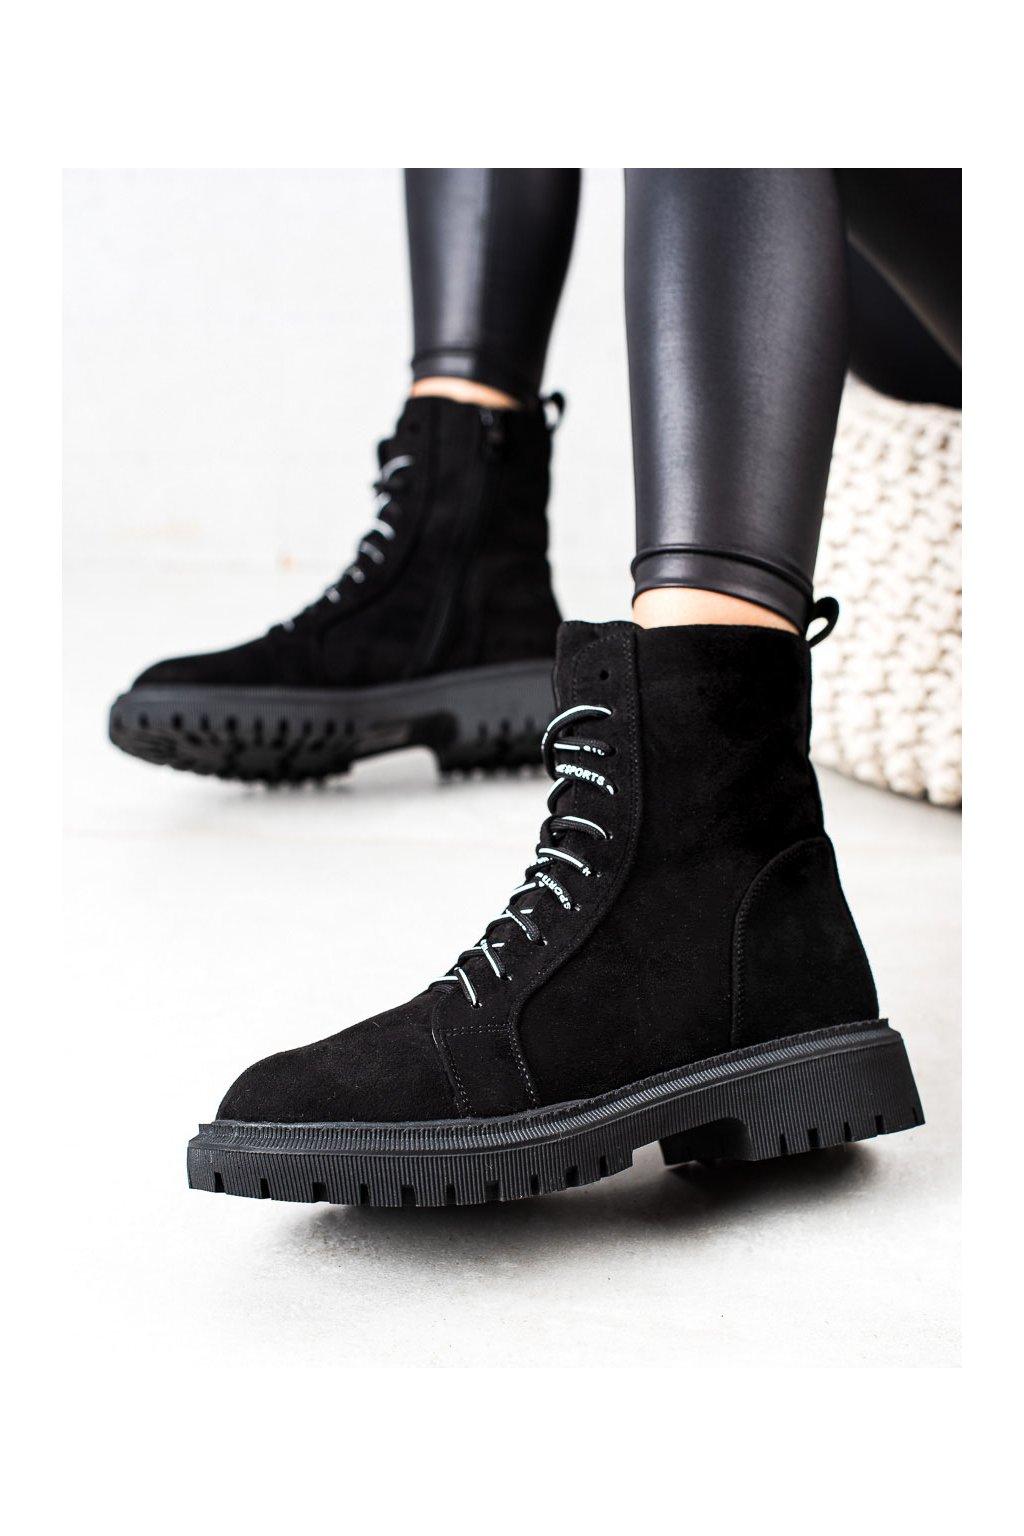 Čierne dámske topánky Goodin kod GD-DO-602B